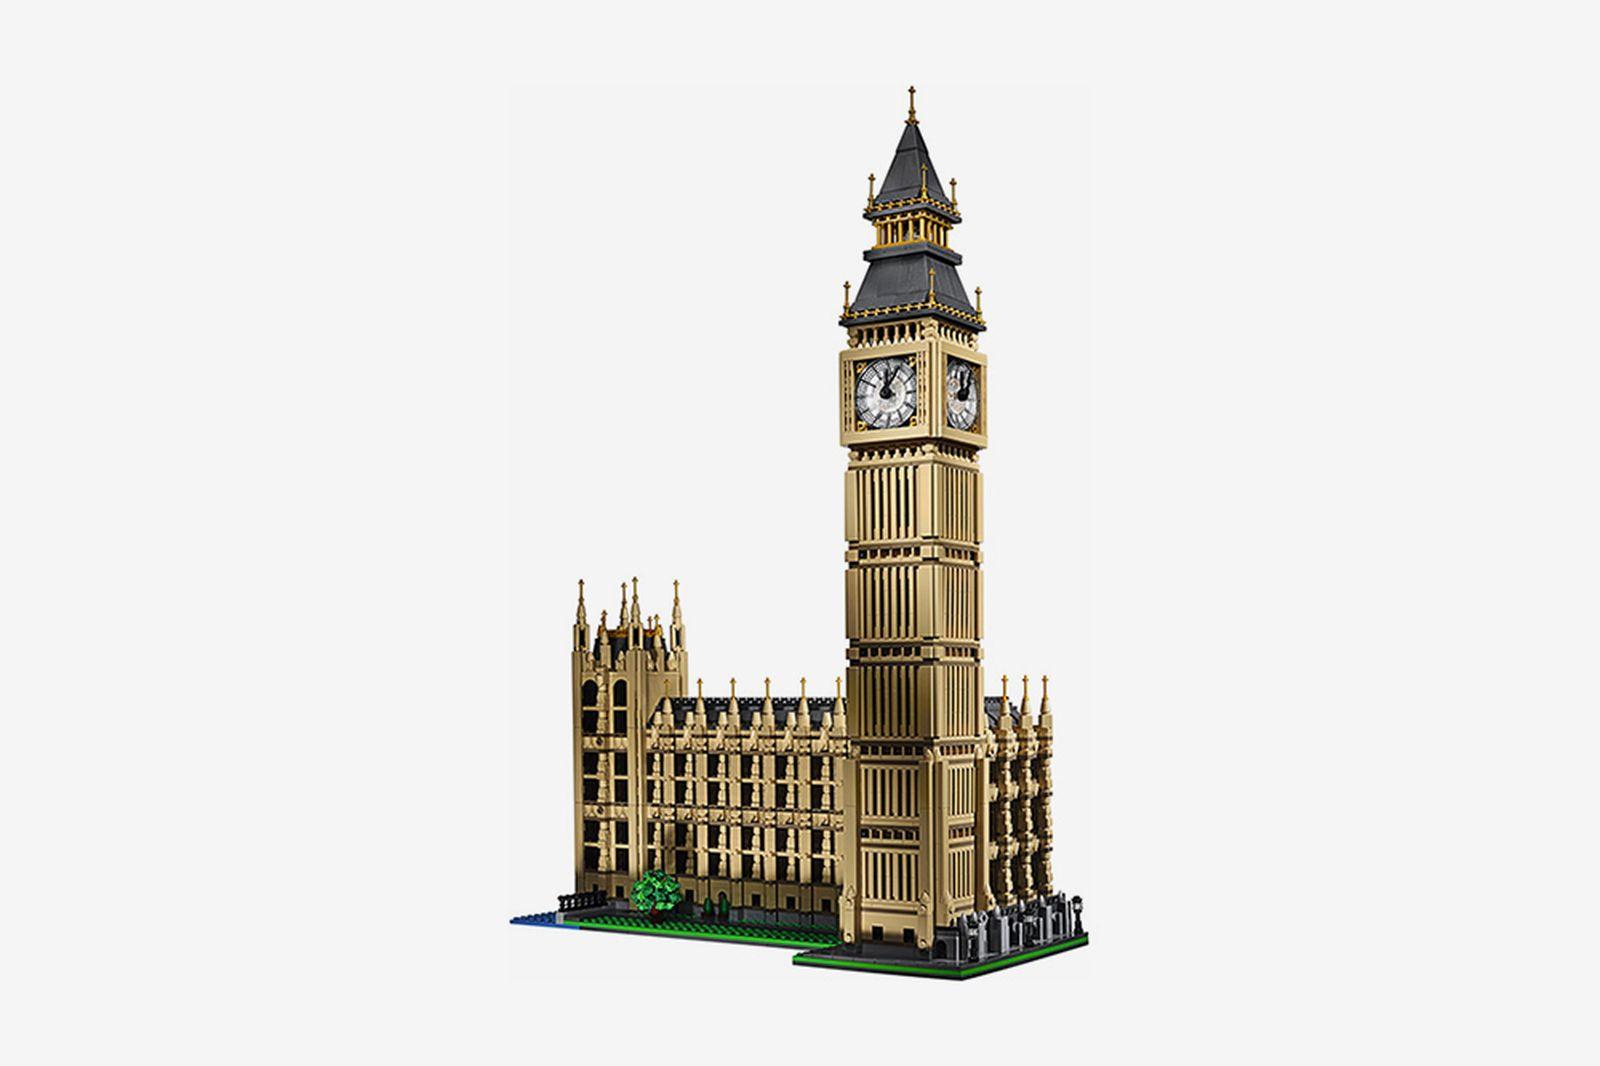 biggest-lego-sets-09